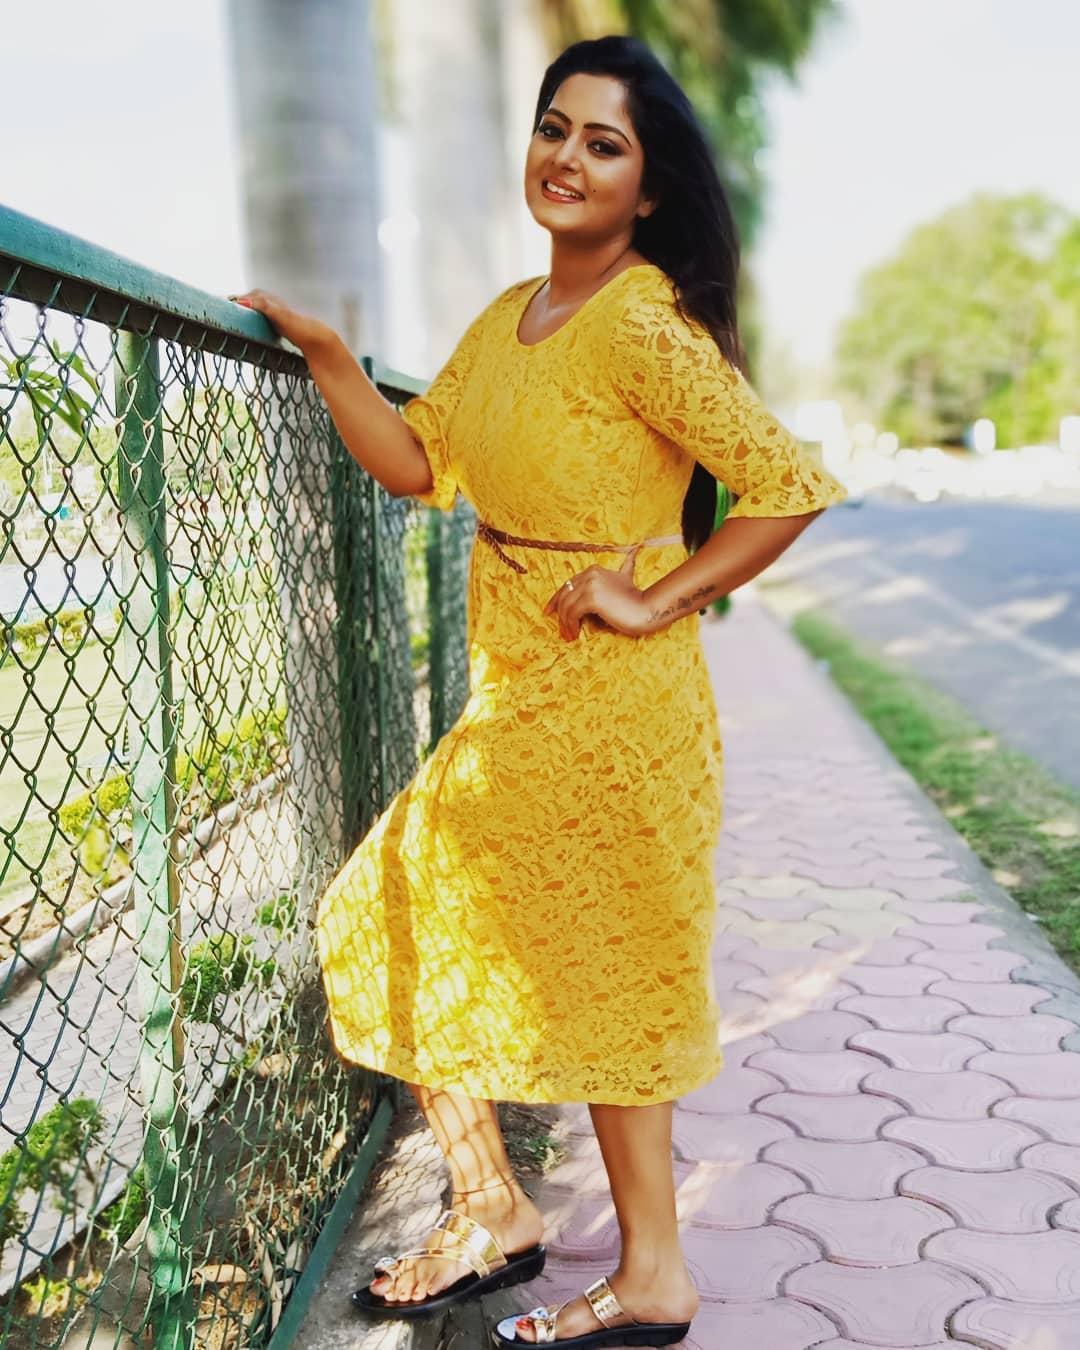 हाल में अंजना भोजपुरी सुपरस्टार रवि किशन के साथ सनकी दरोगा में नजर आई थीं. रवि किशन की ये फिल्म काफी पसंद की गई थी.